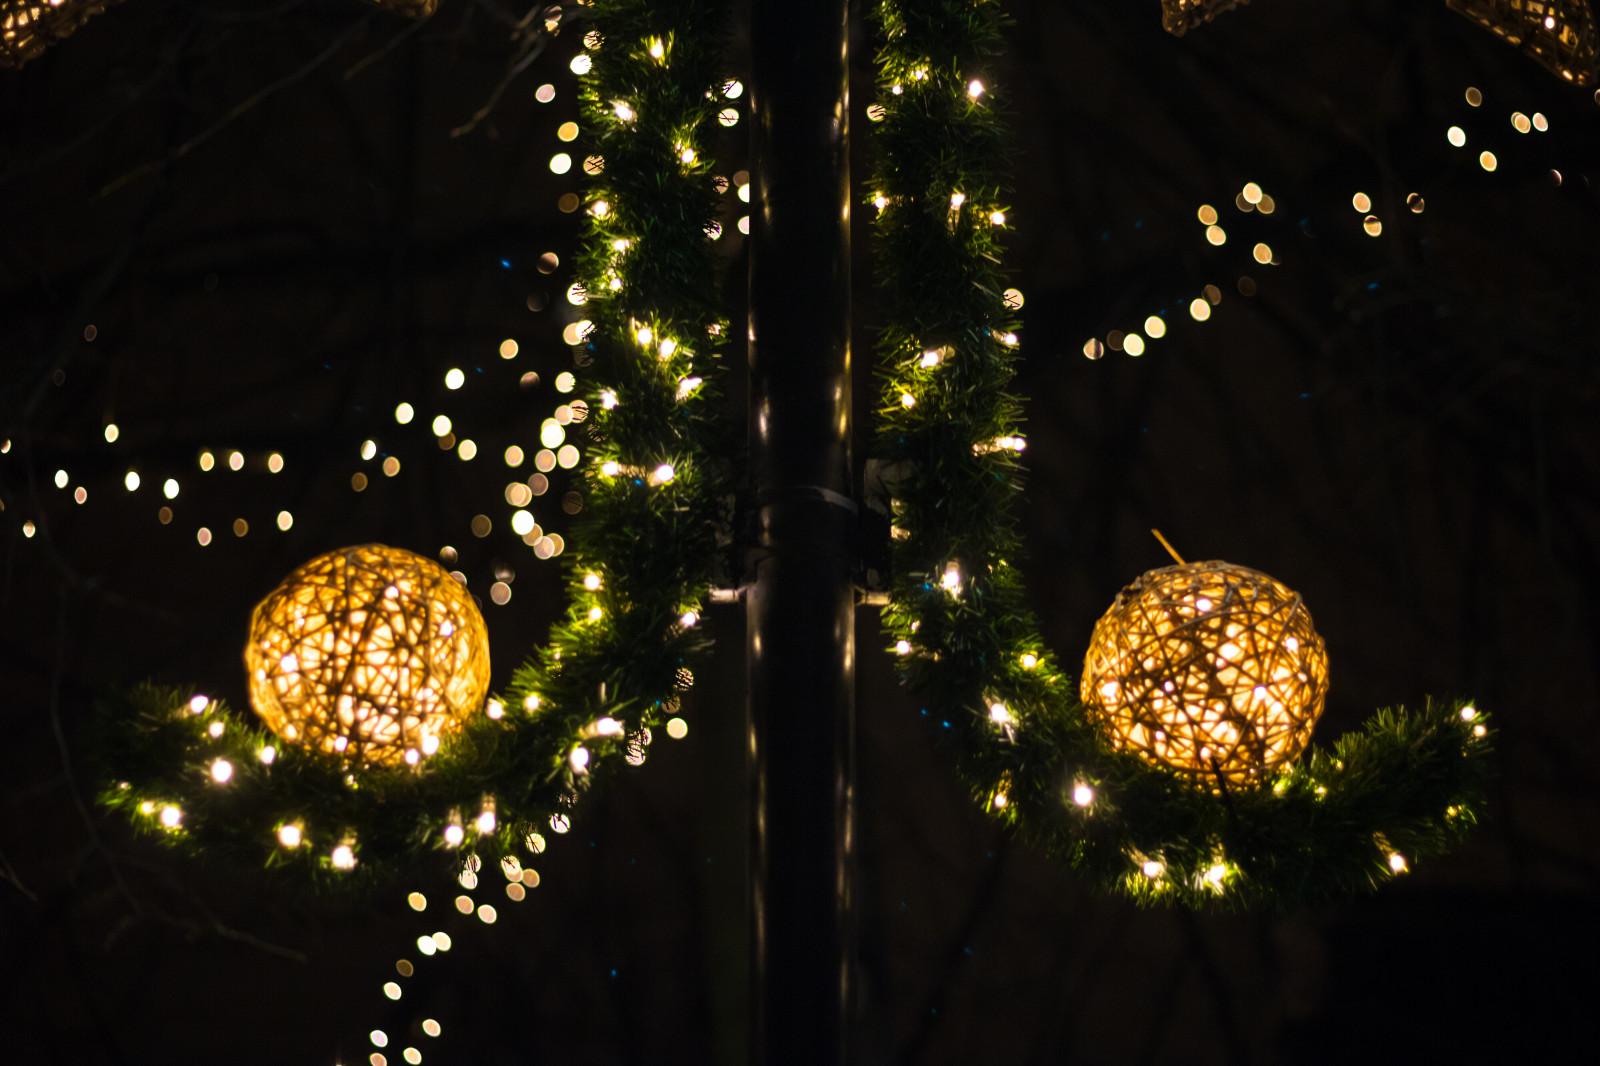 hintergrundbilder nacht ast wunderkerze weihnachtsbaum weihnachten weihnachtsbeleuchtung. Black Bedroom Furniture Sets. Home Design Ideas